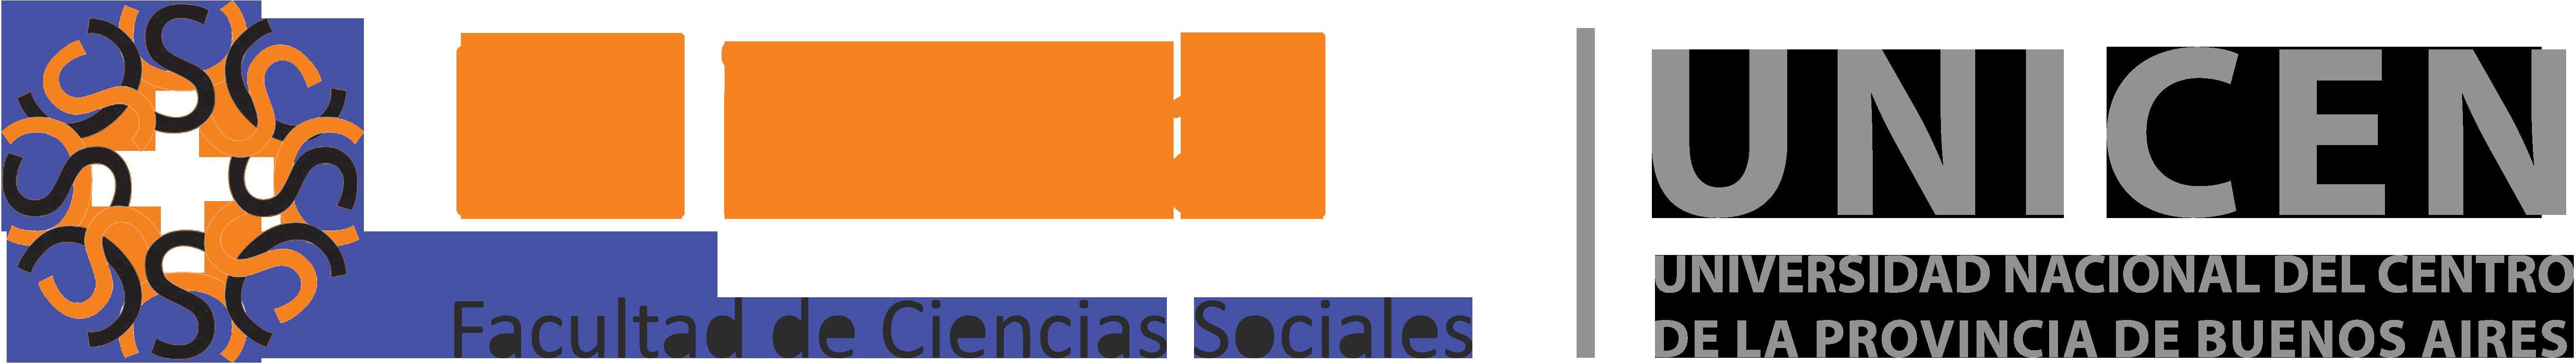 Facultad de Ciencias Sociales - artículo Morales